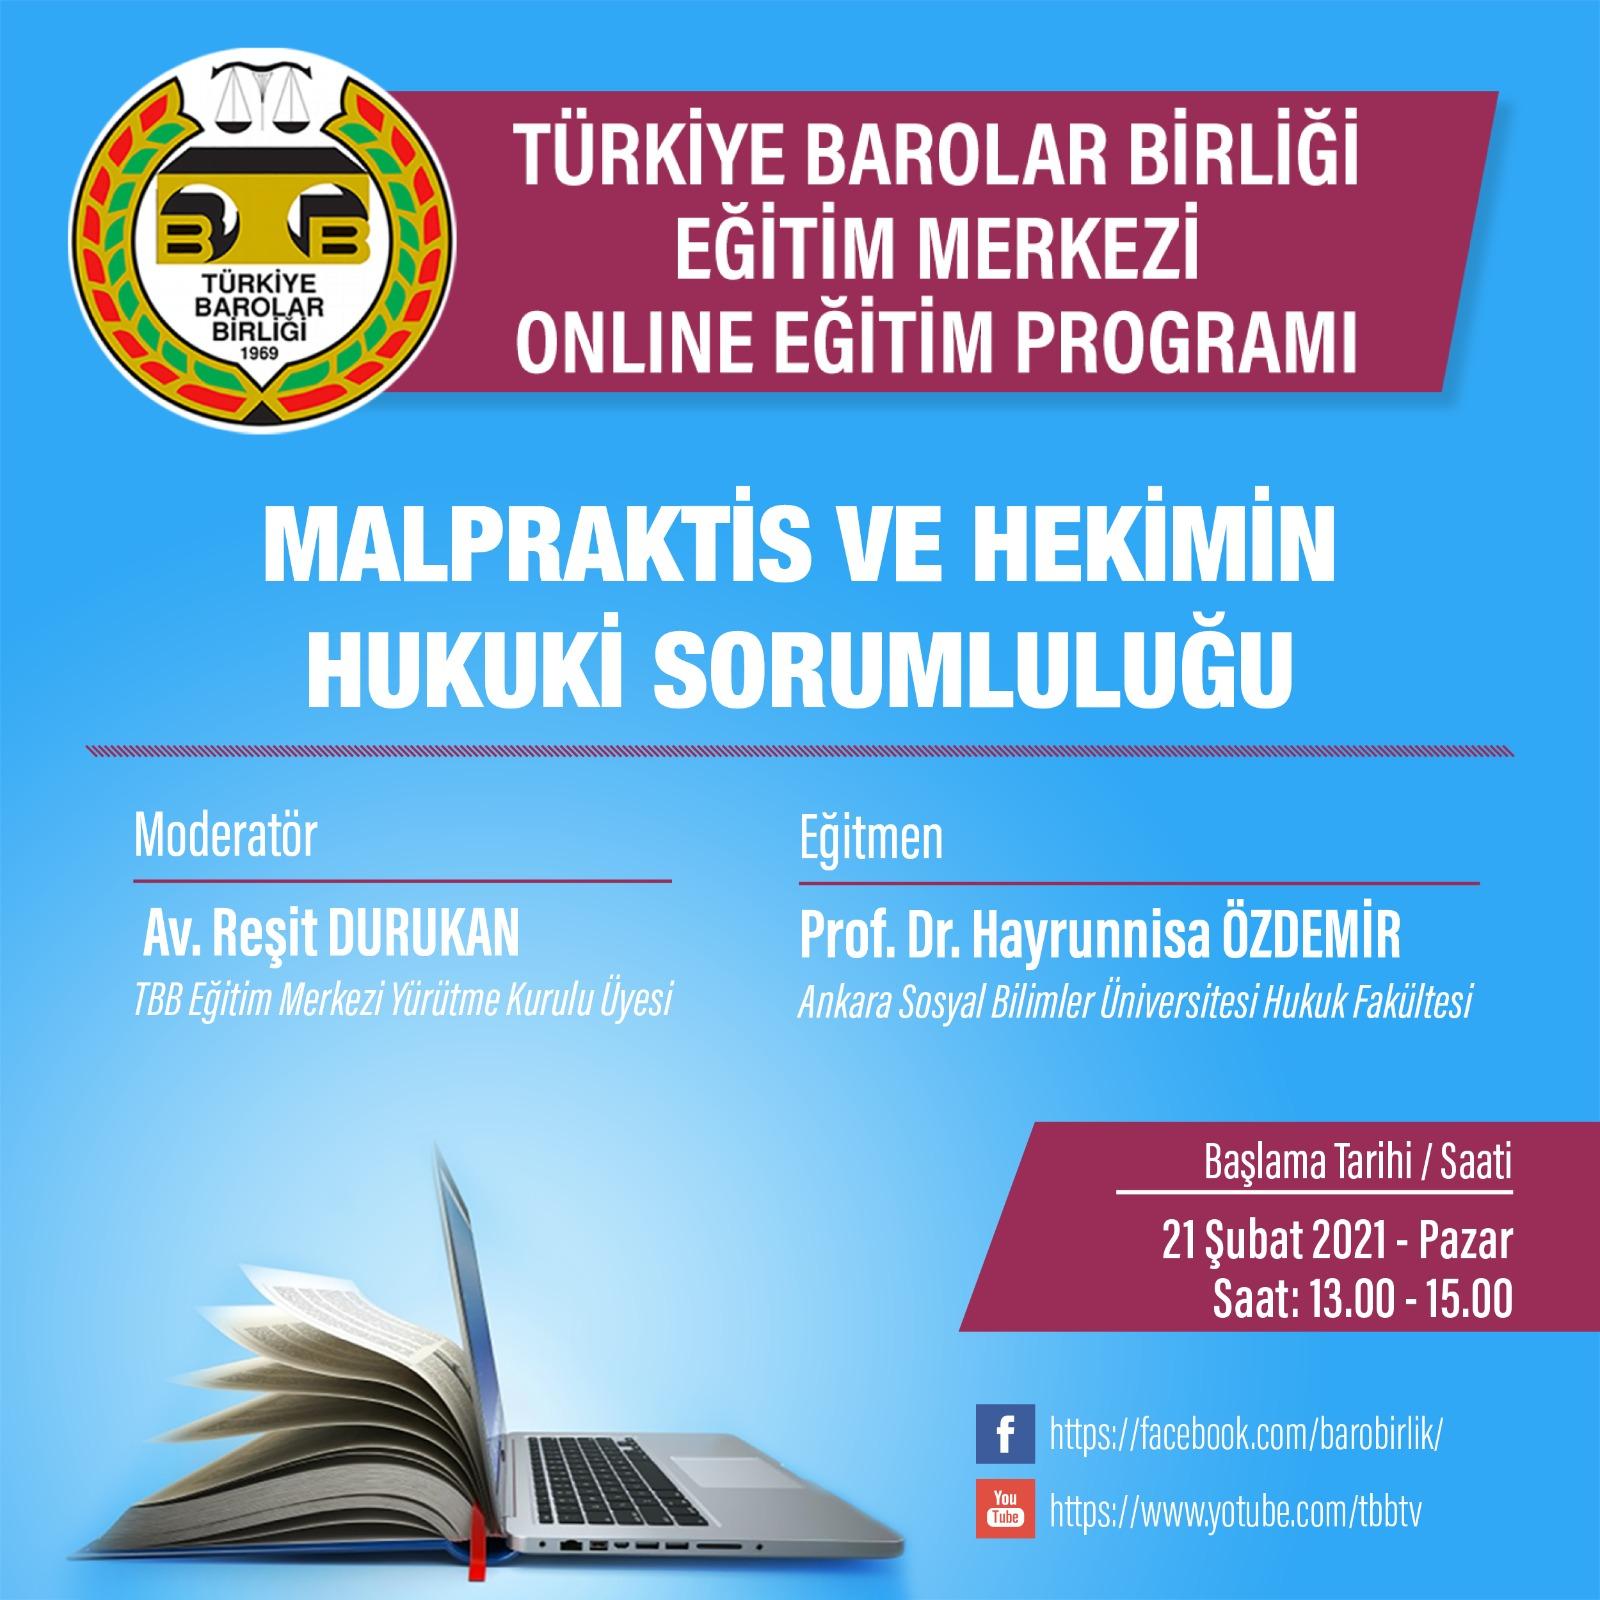 TBB Eğitim Merkezi Online Eğitim 21.02.2021